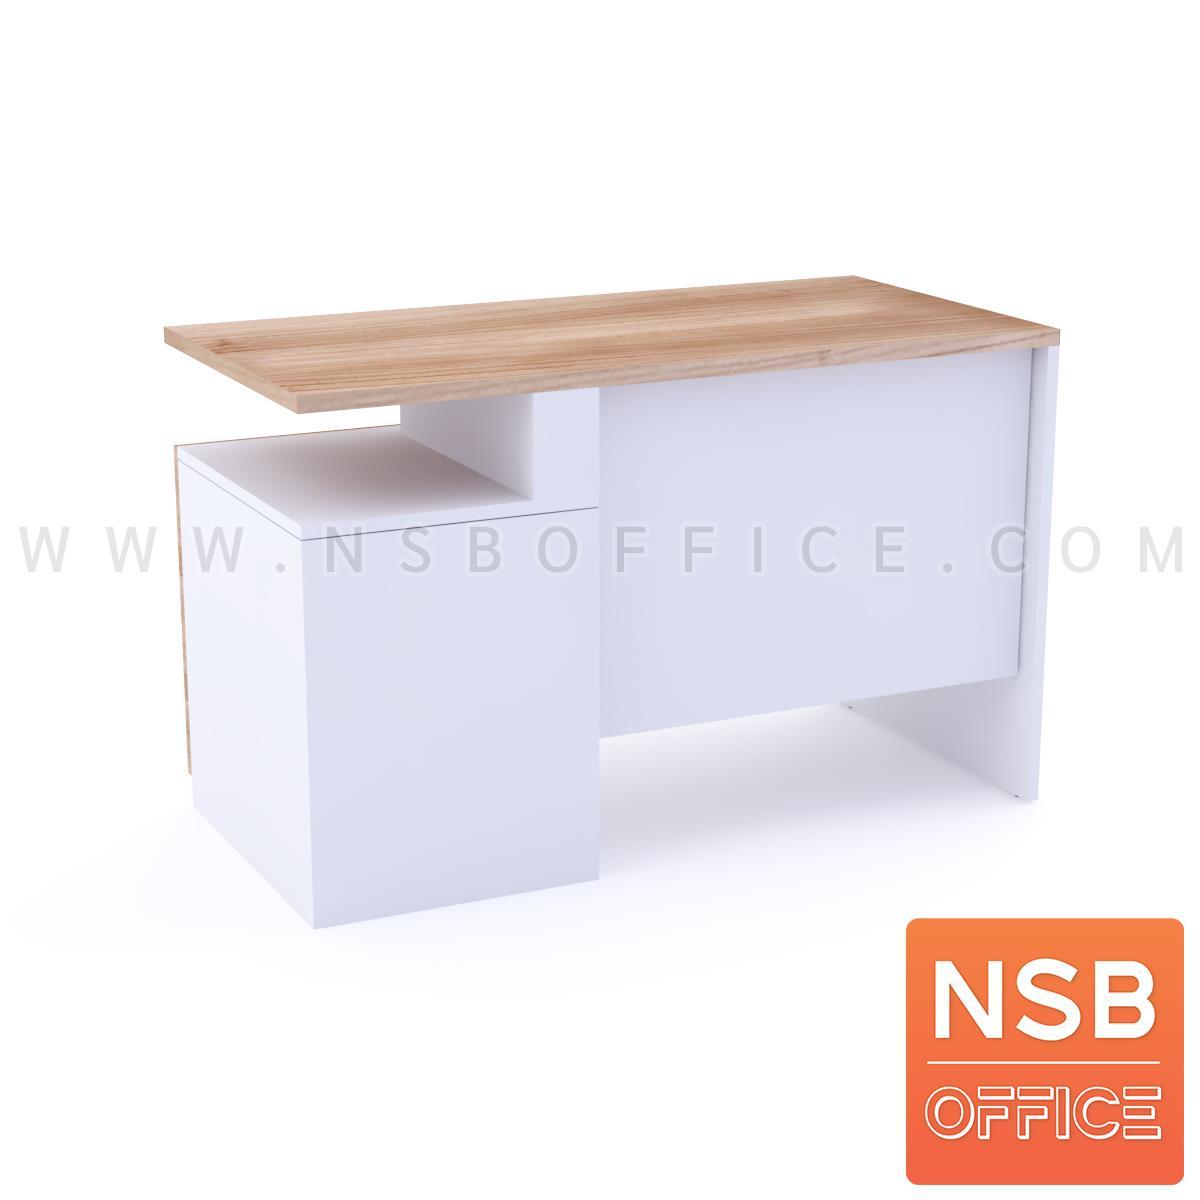 โต๊ะคอมพิวเตอร์ 2 ลิ้นชัก รุ่น Bamford (แบมฟอร์ด) ขนาด 120W ,135W ,150W ,160W cm.  พร้อมรางคีย์บอร์ด เมลามีน